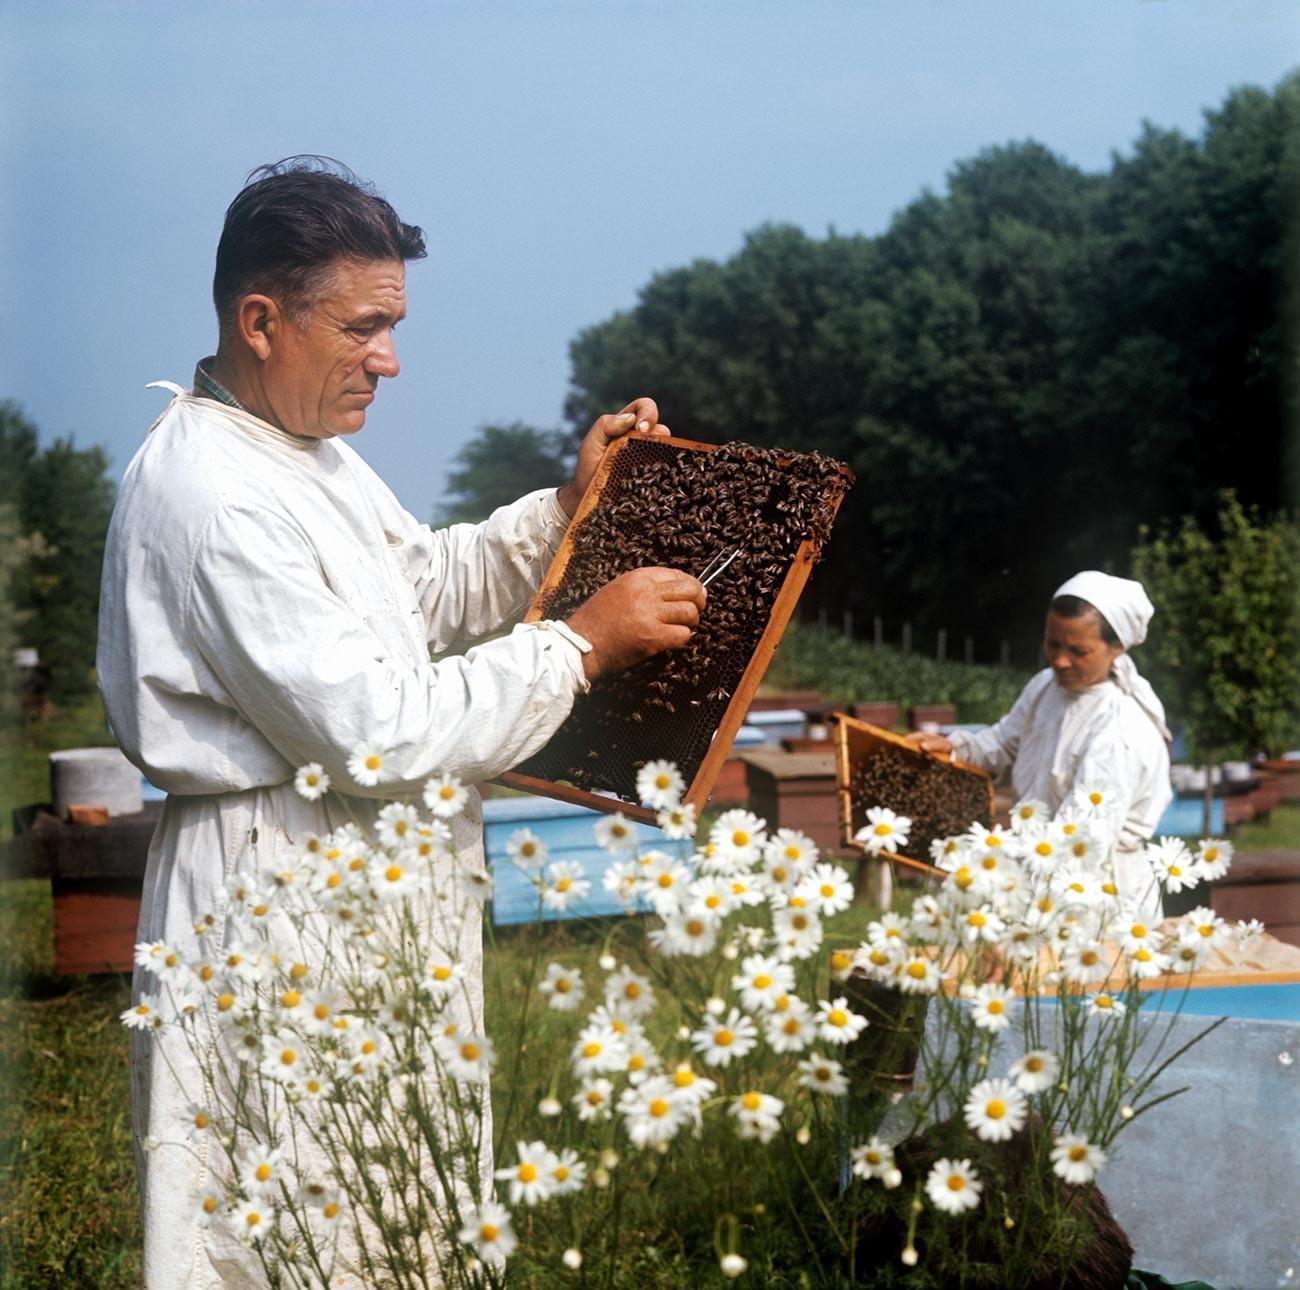 Imker Anton Lupultschuk vor Bienenstöcken auf der Majak-Kollektivfarm im Bezirk Dondjuschanski. Moldawische SSR, 1975